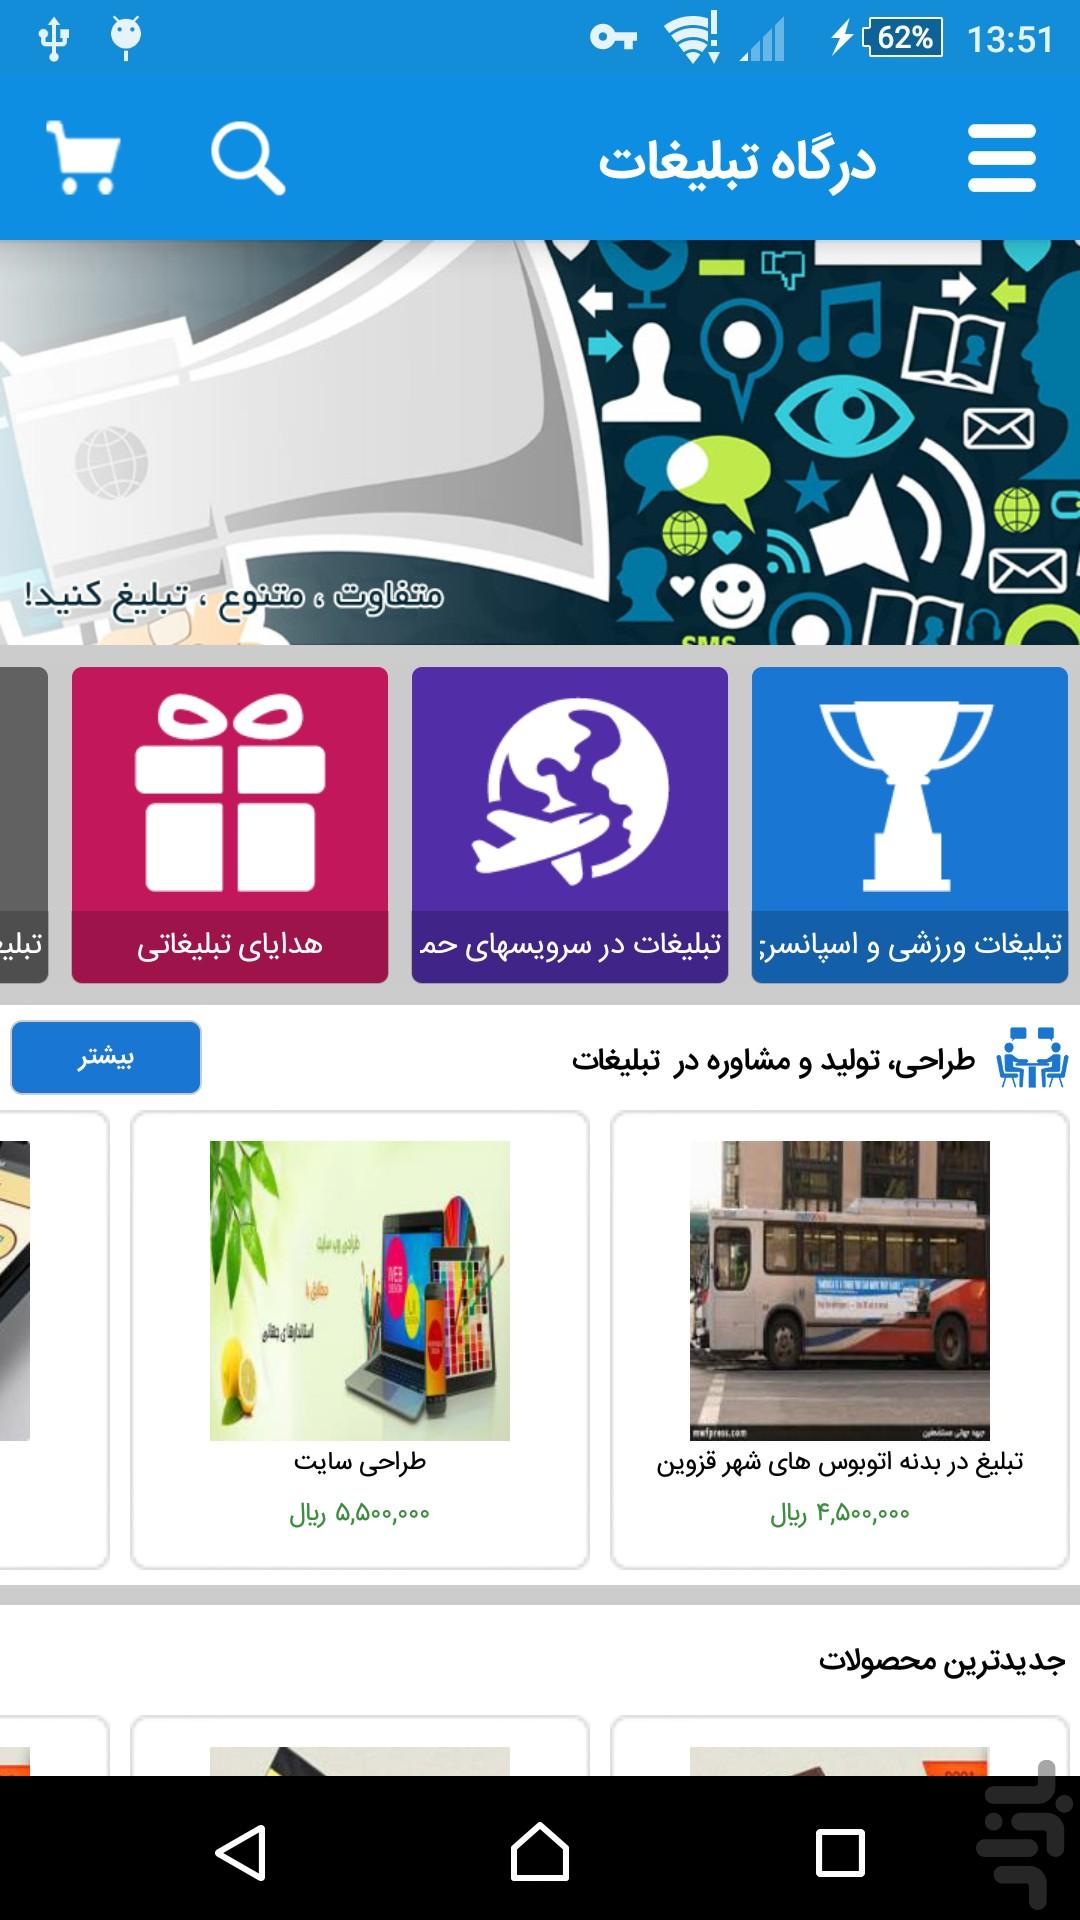 نرم افزار درگاه تبلیغات ایران